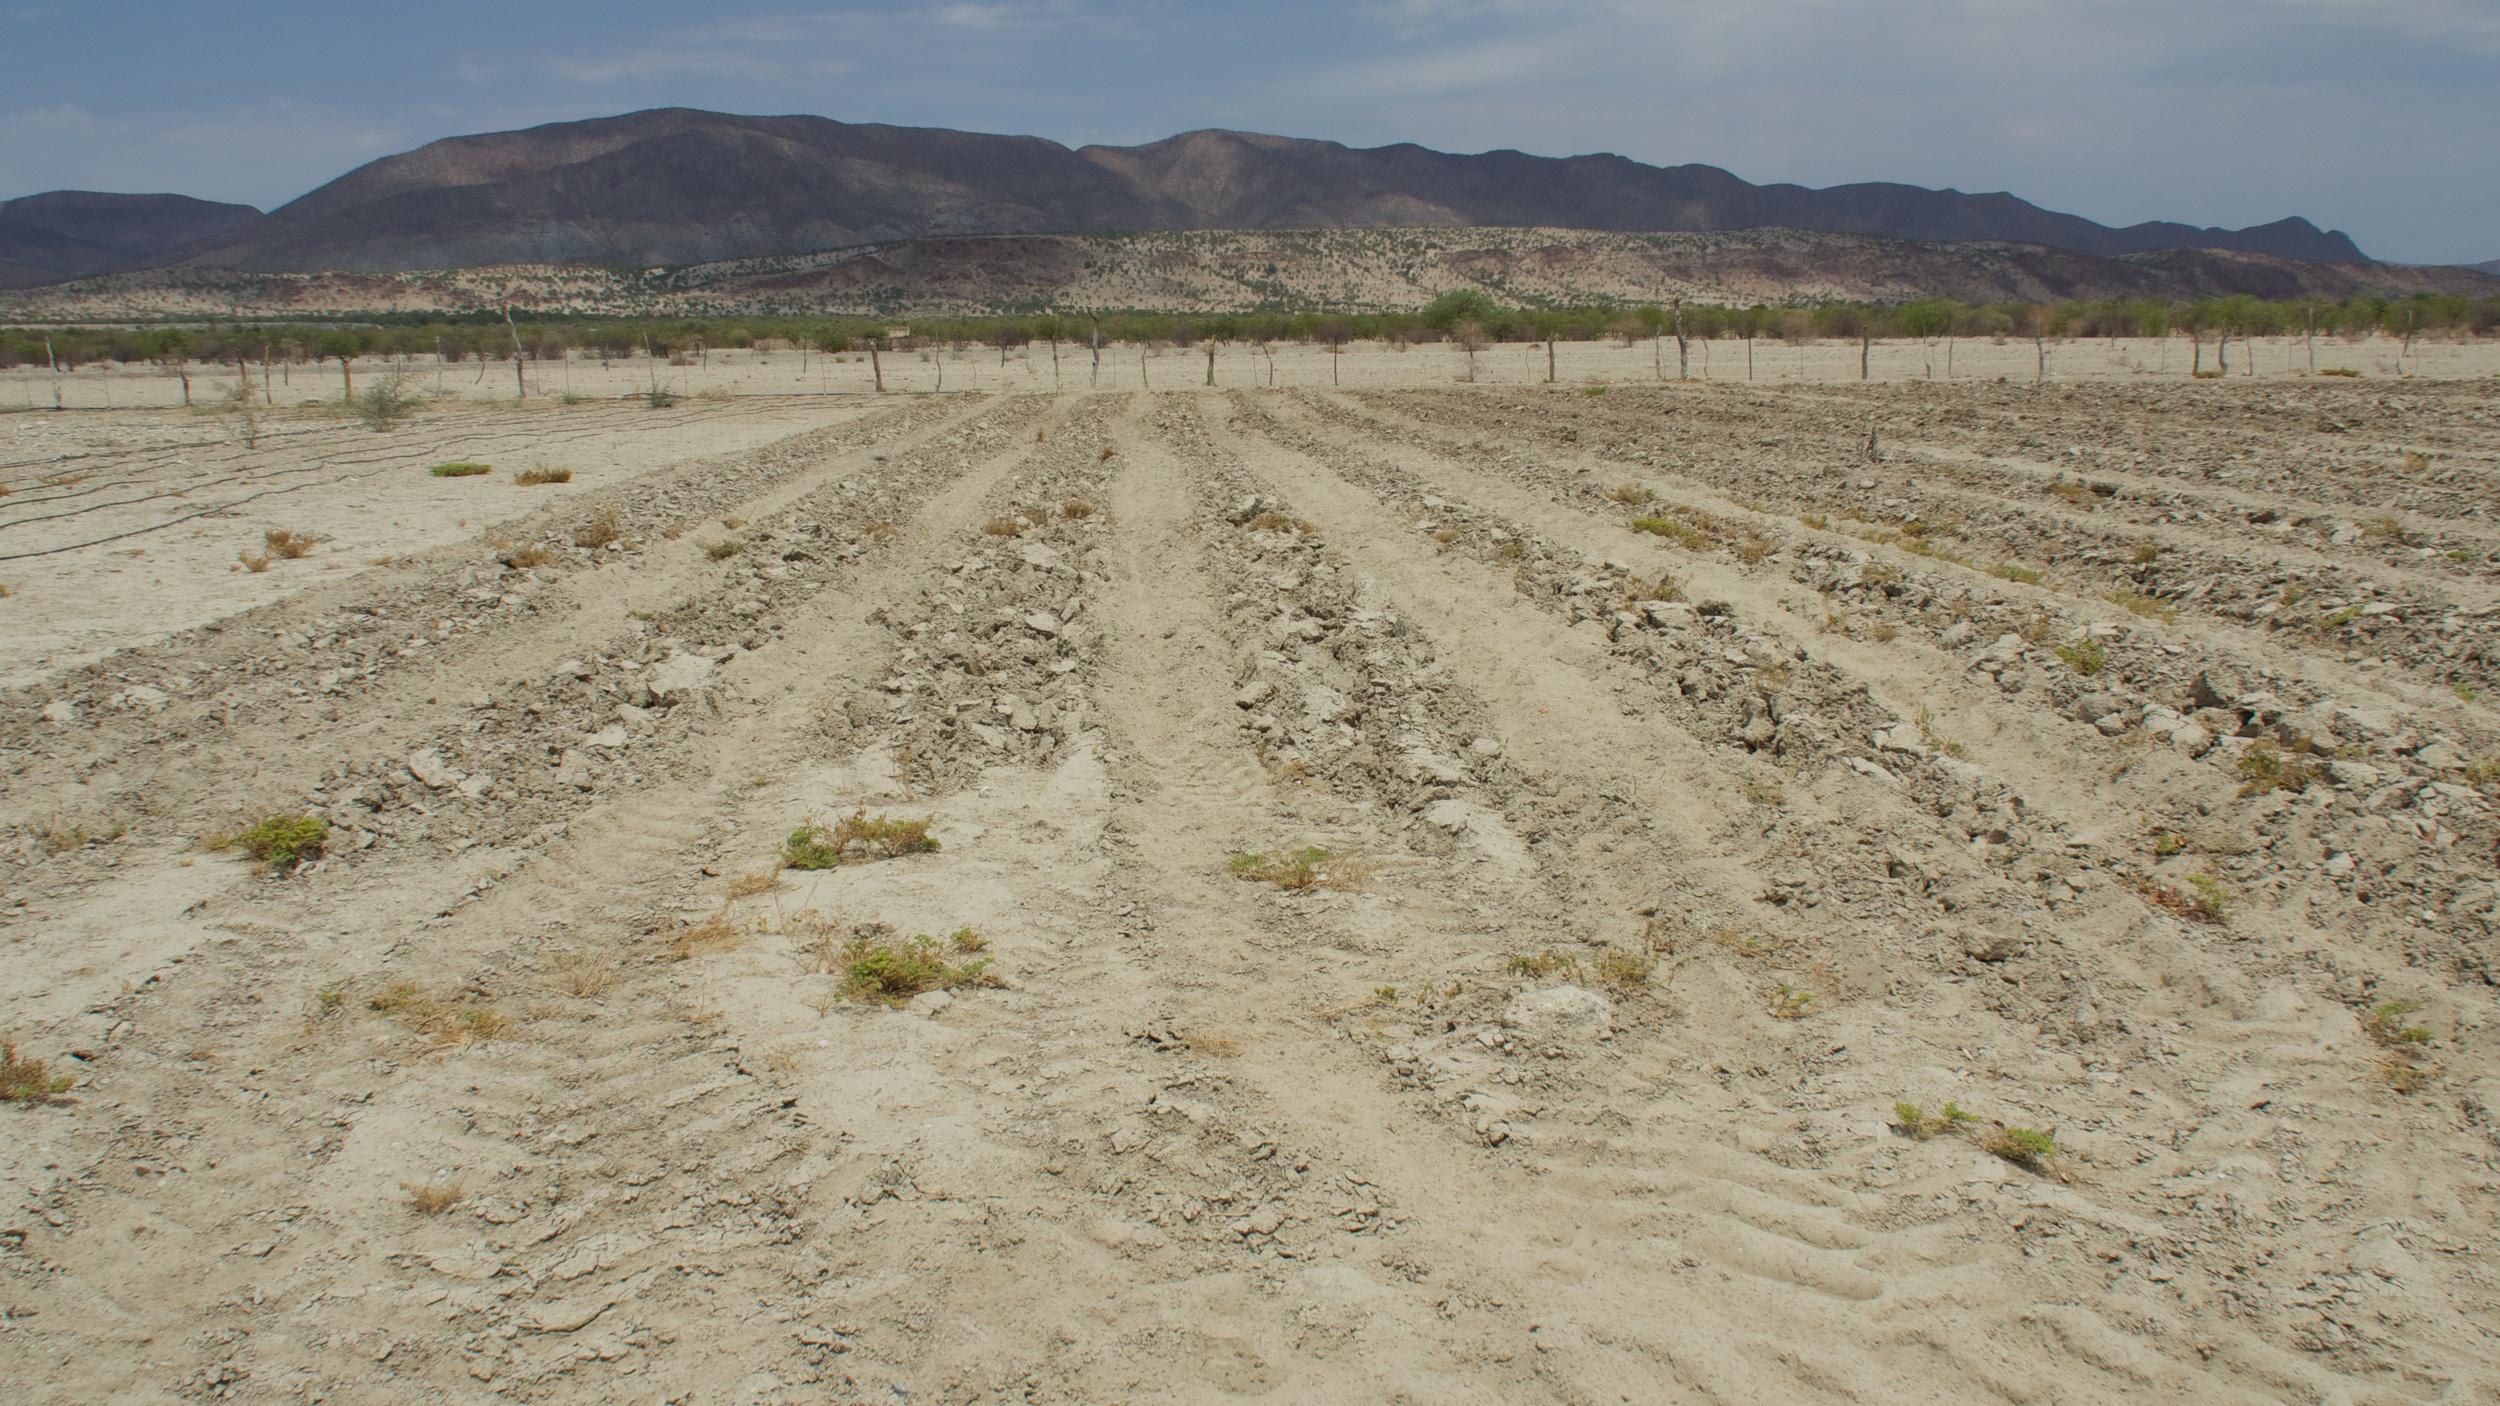 Bennie's Warmquelle plot for biochar field trials